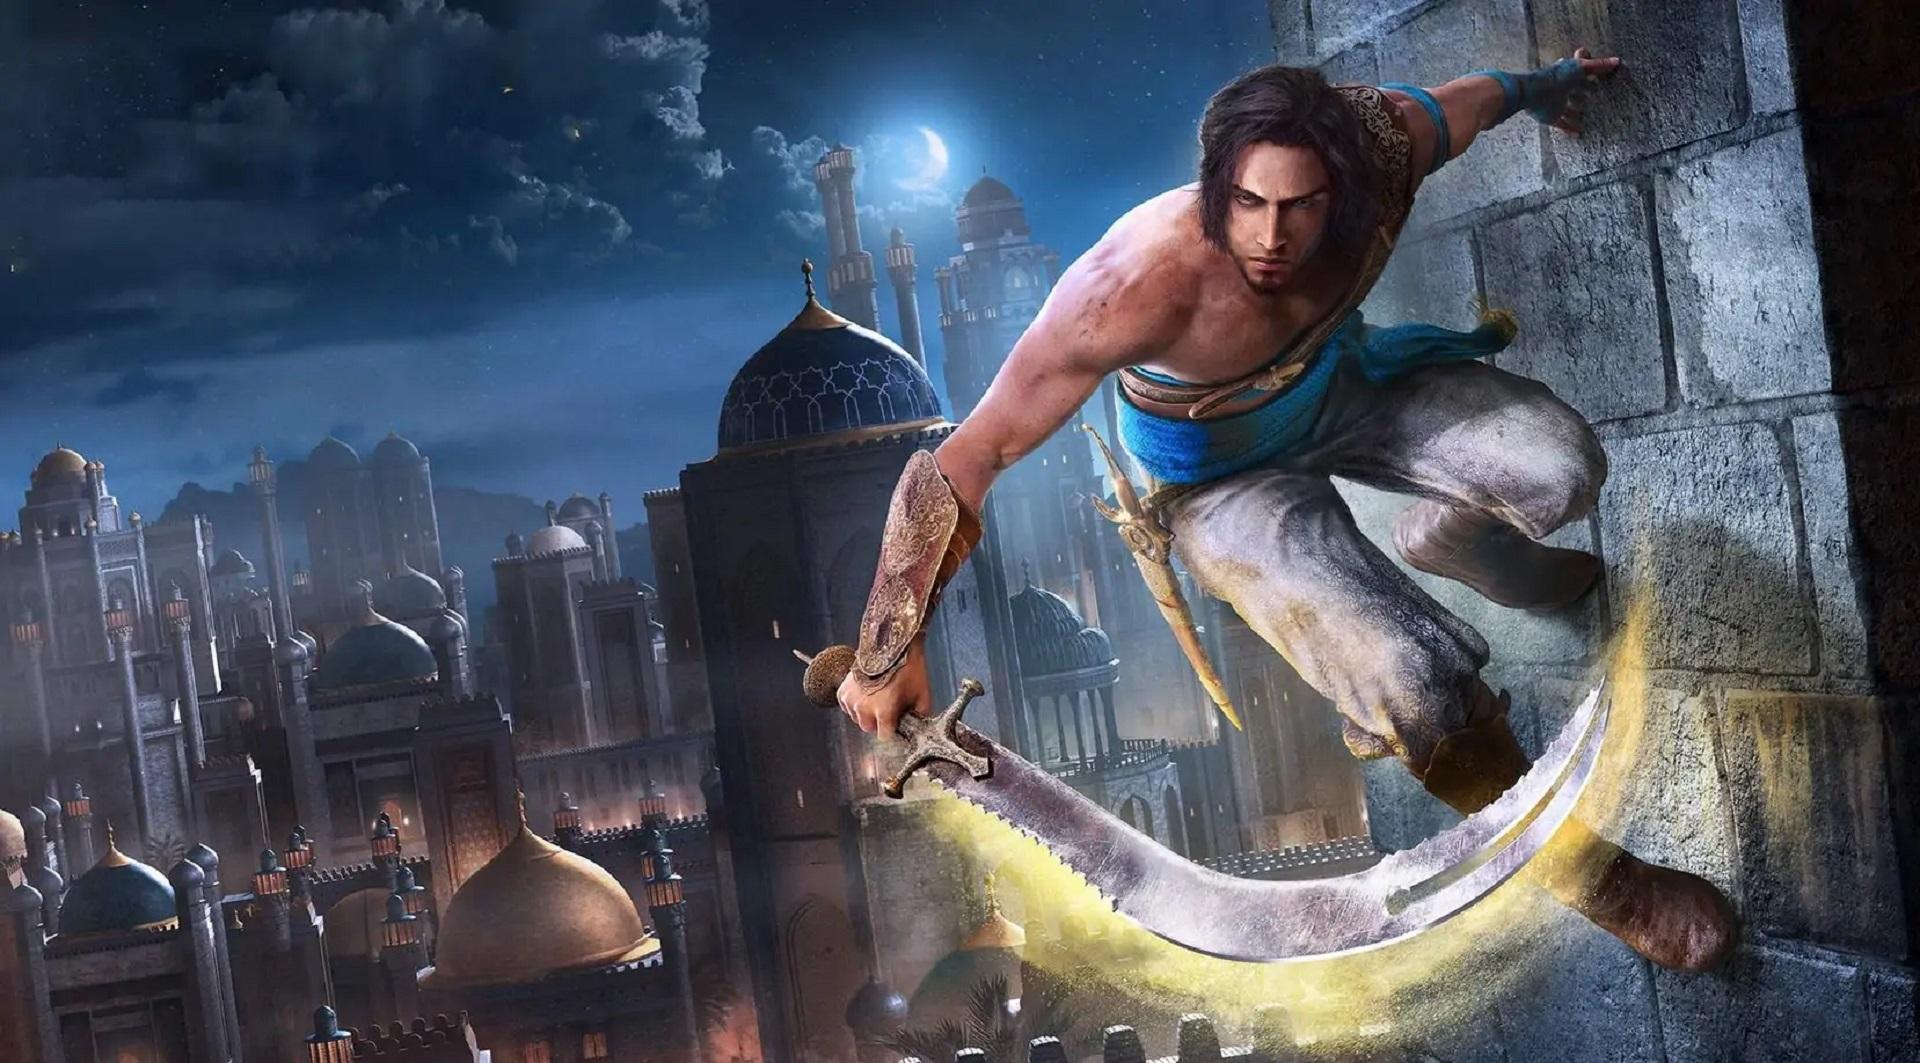 Prince of Persia remake rinvio